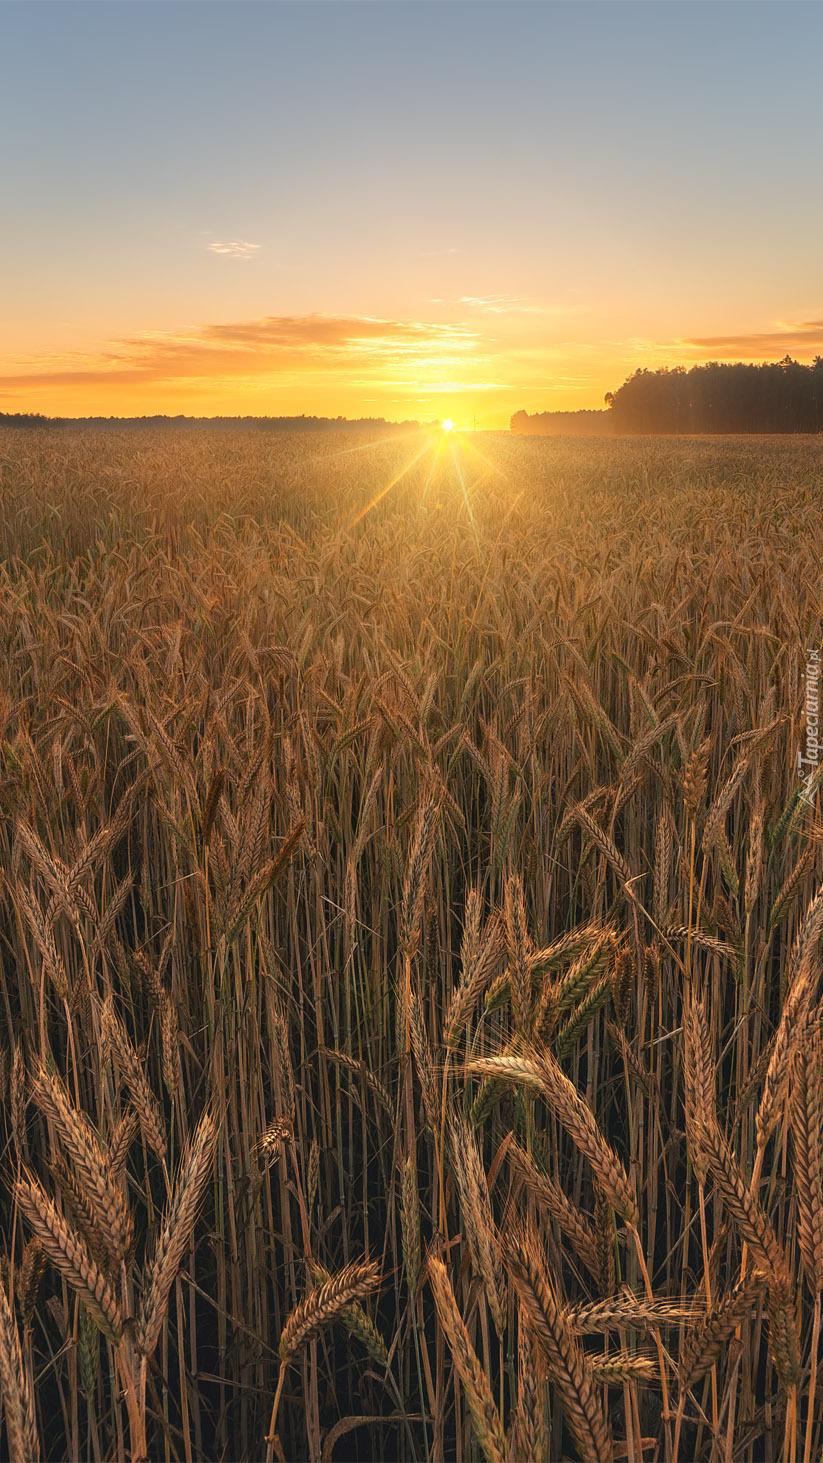 Kłosy zboża rozświetlone słońcem